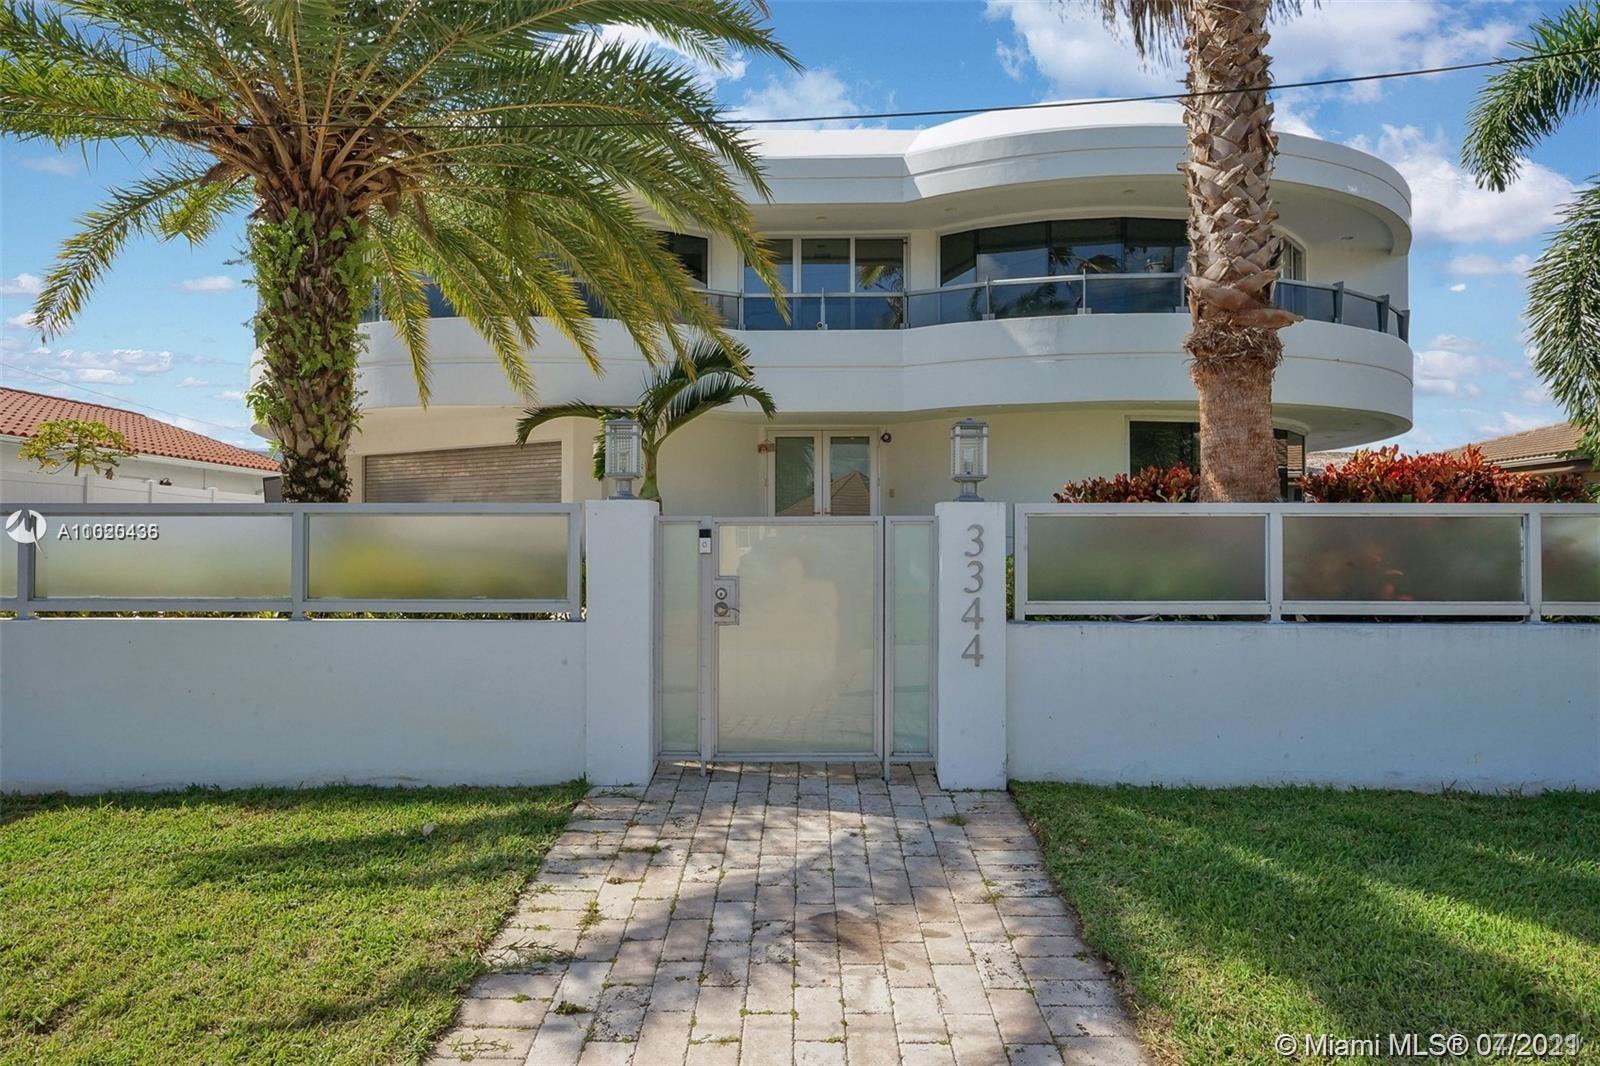 North Miami Beach - 3344 NE 167th St, North Miami Beach, FL 33160